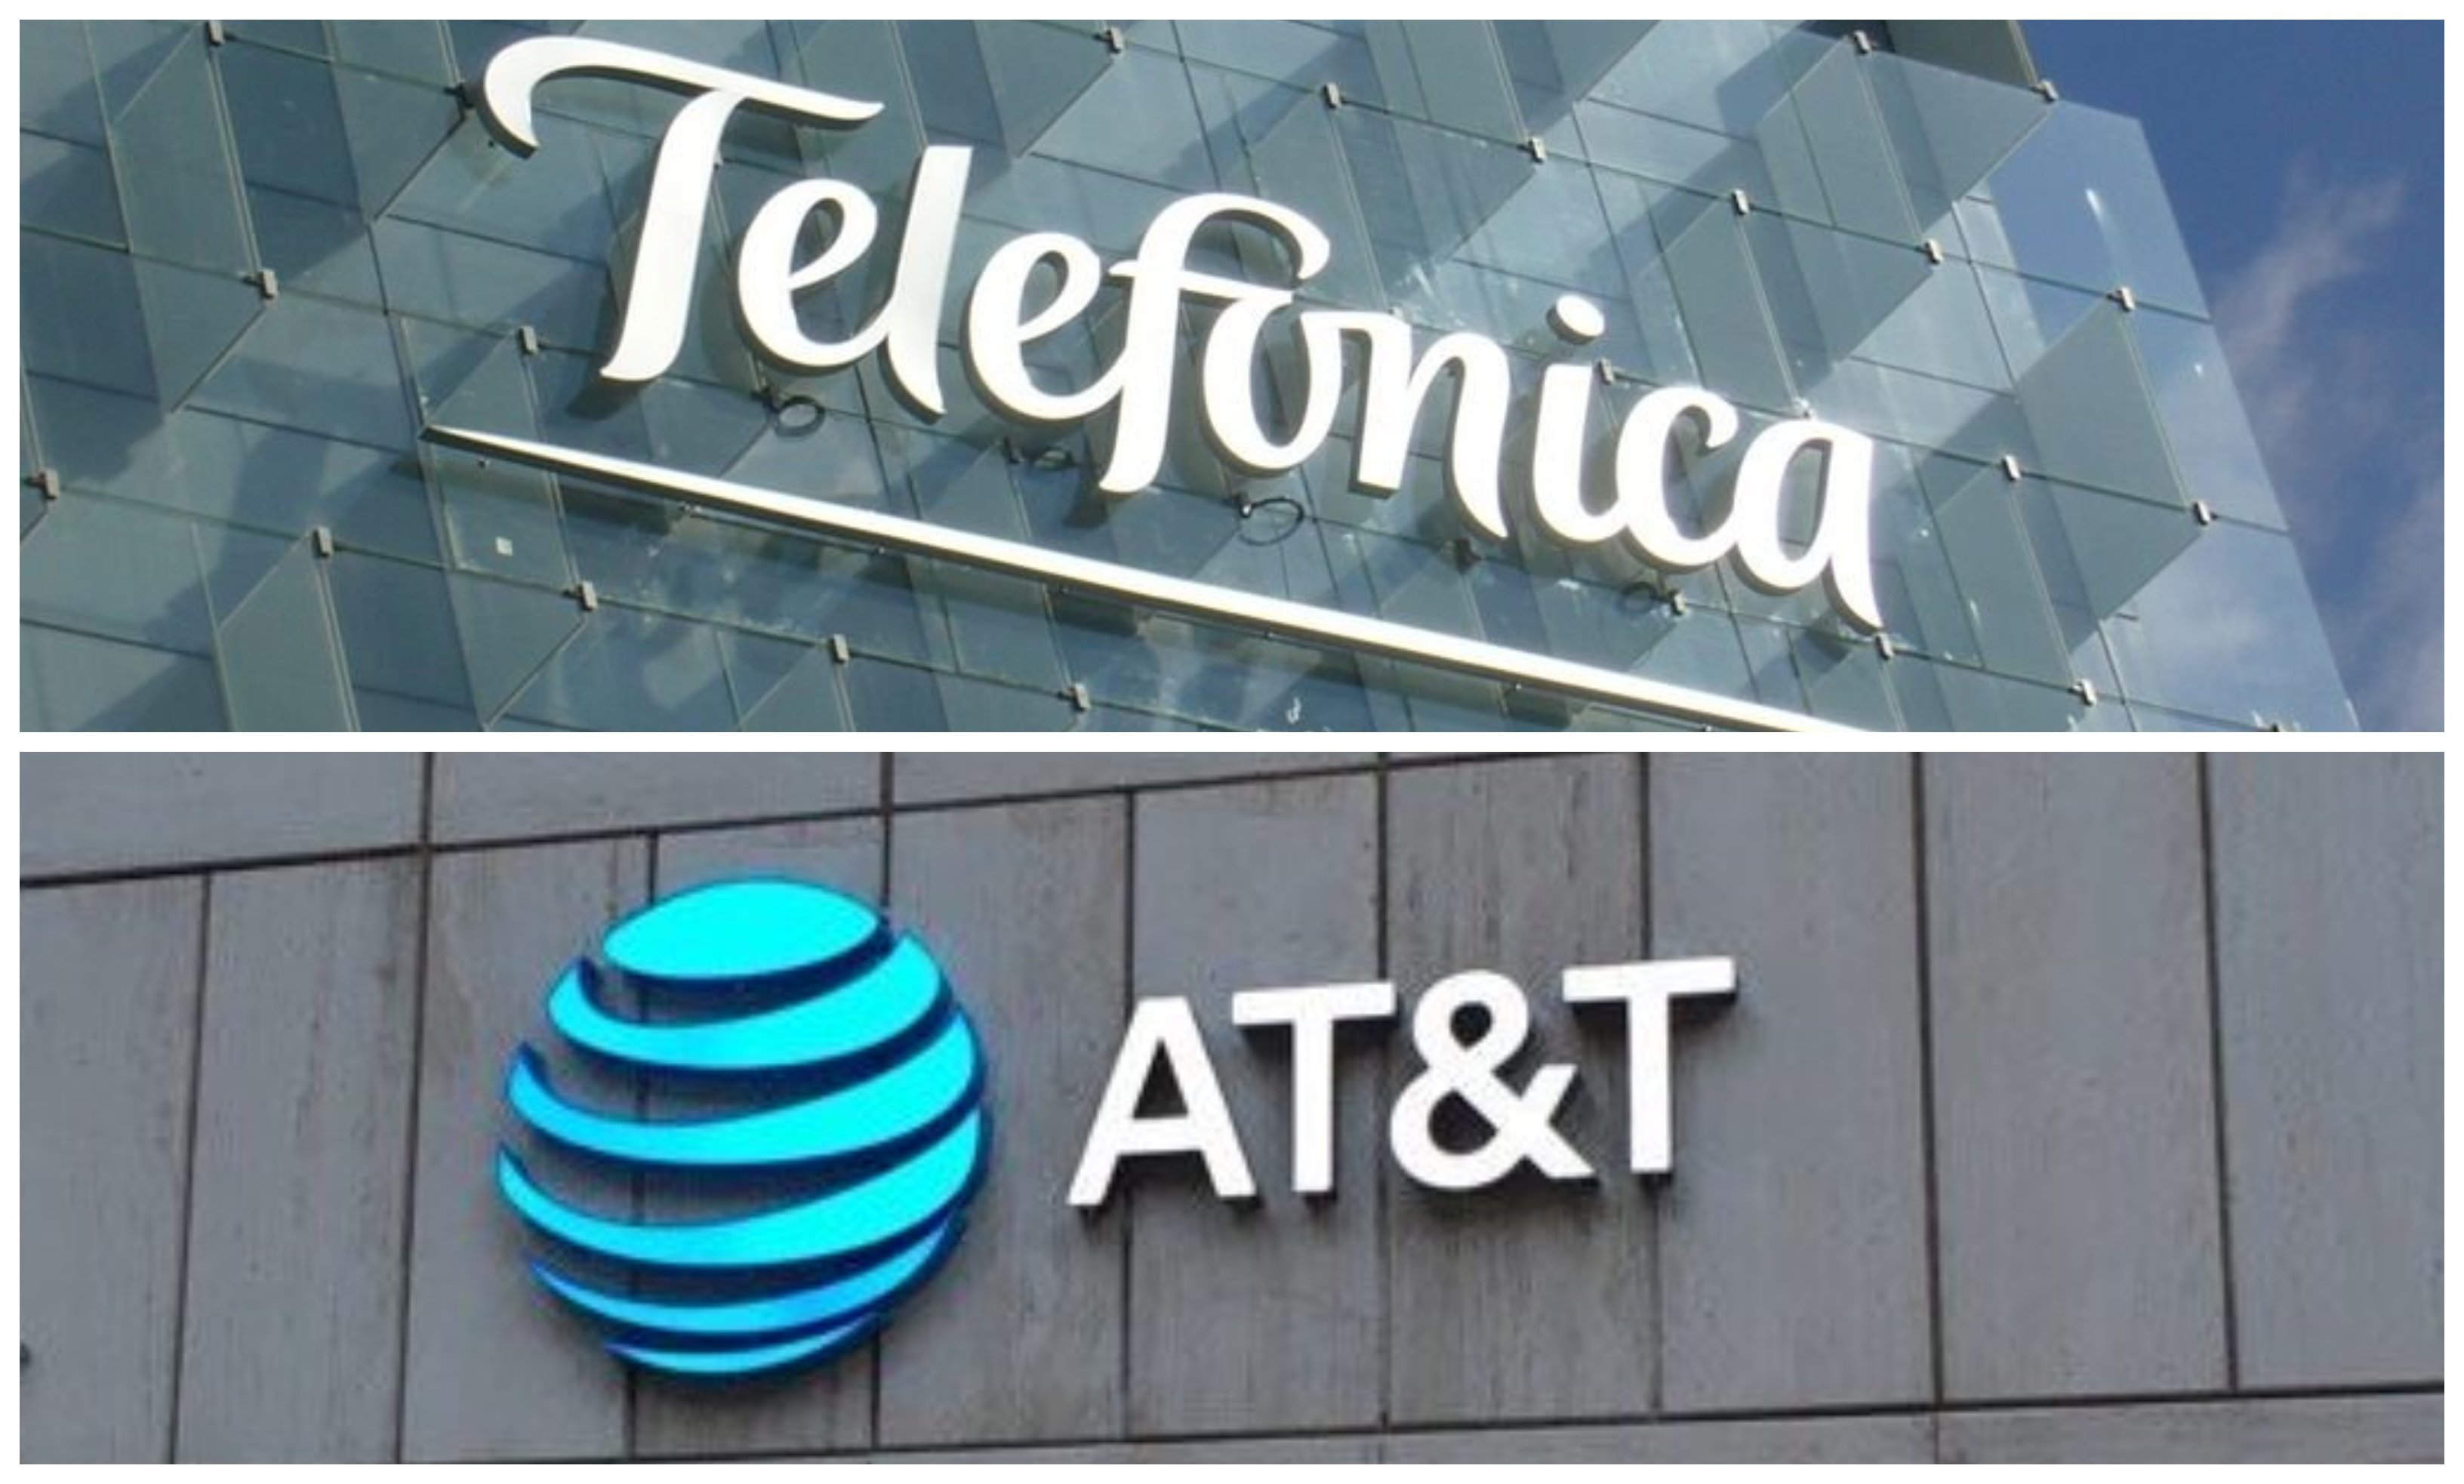 Telefónica opta por quedarse en México y llega a un acuerdo con AT&T: cuidado con el abrazo del oso